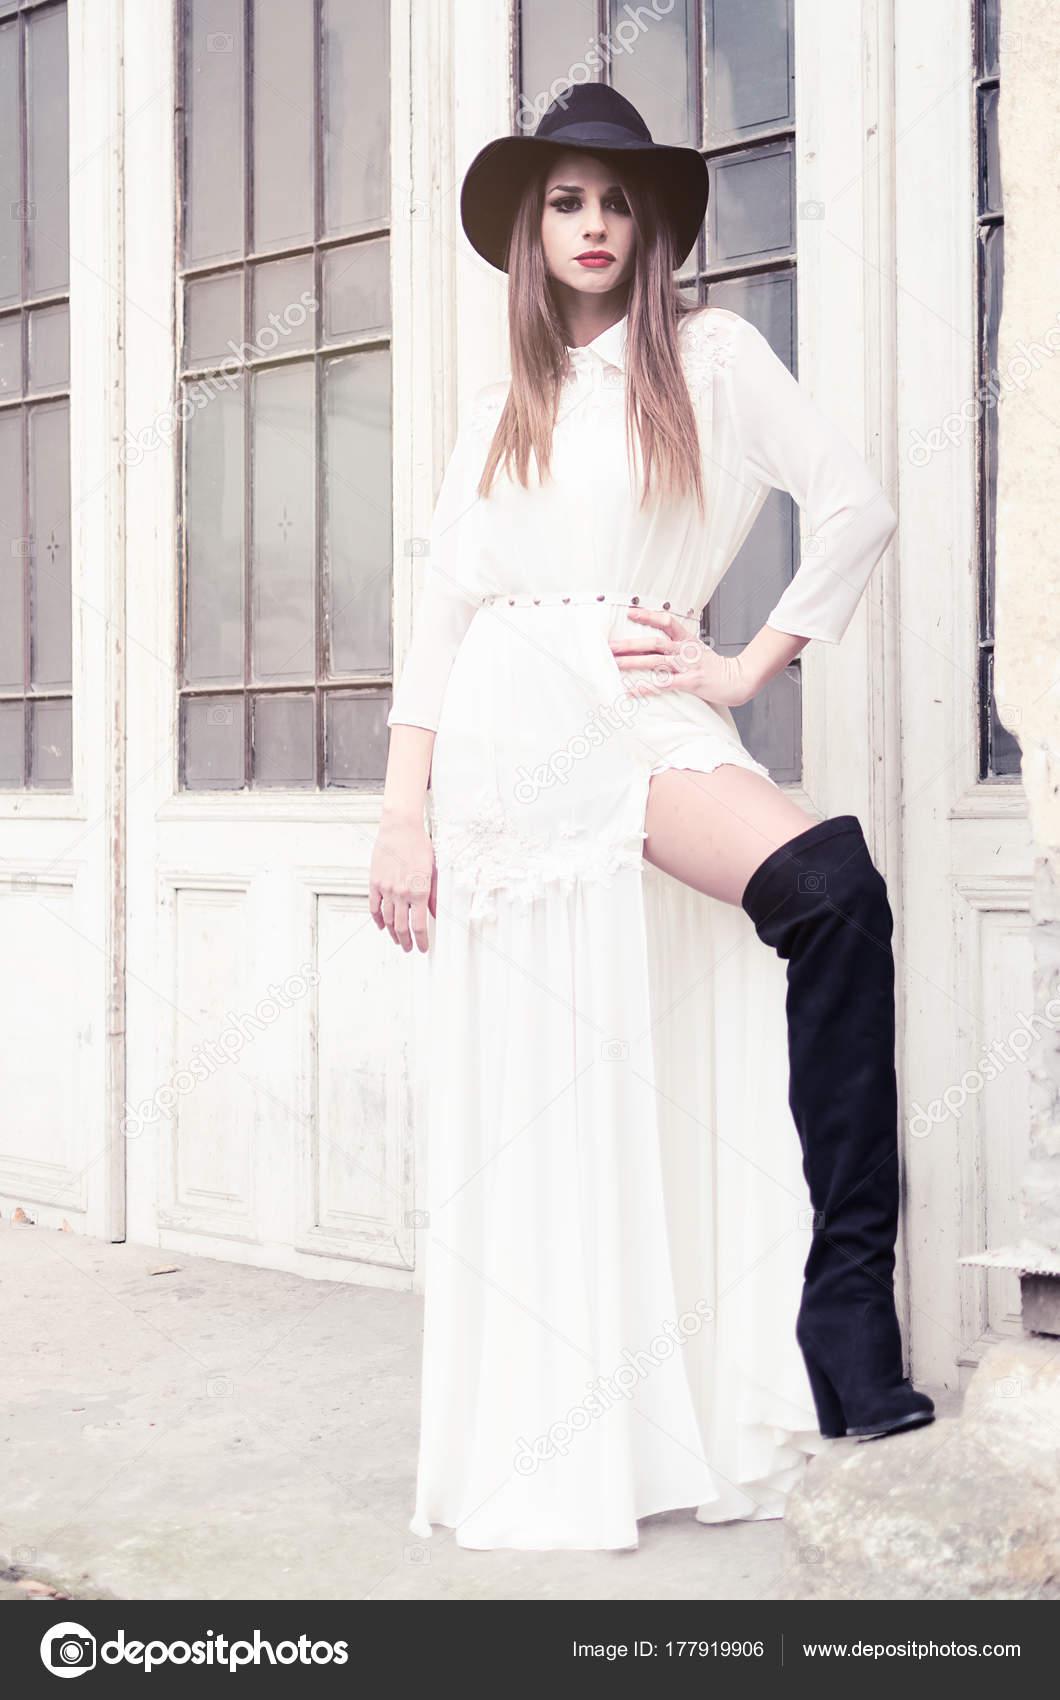 Vestido blanco con botas negras